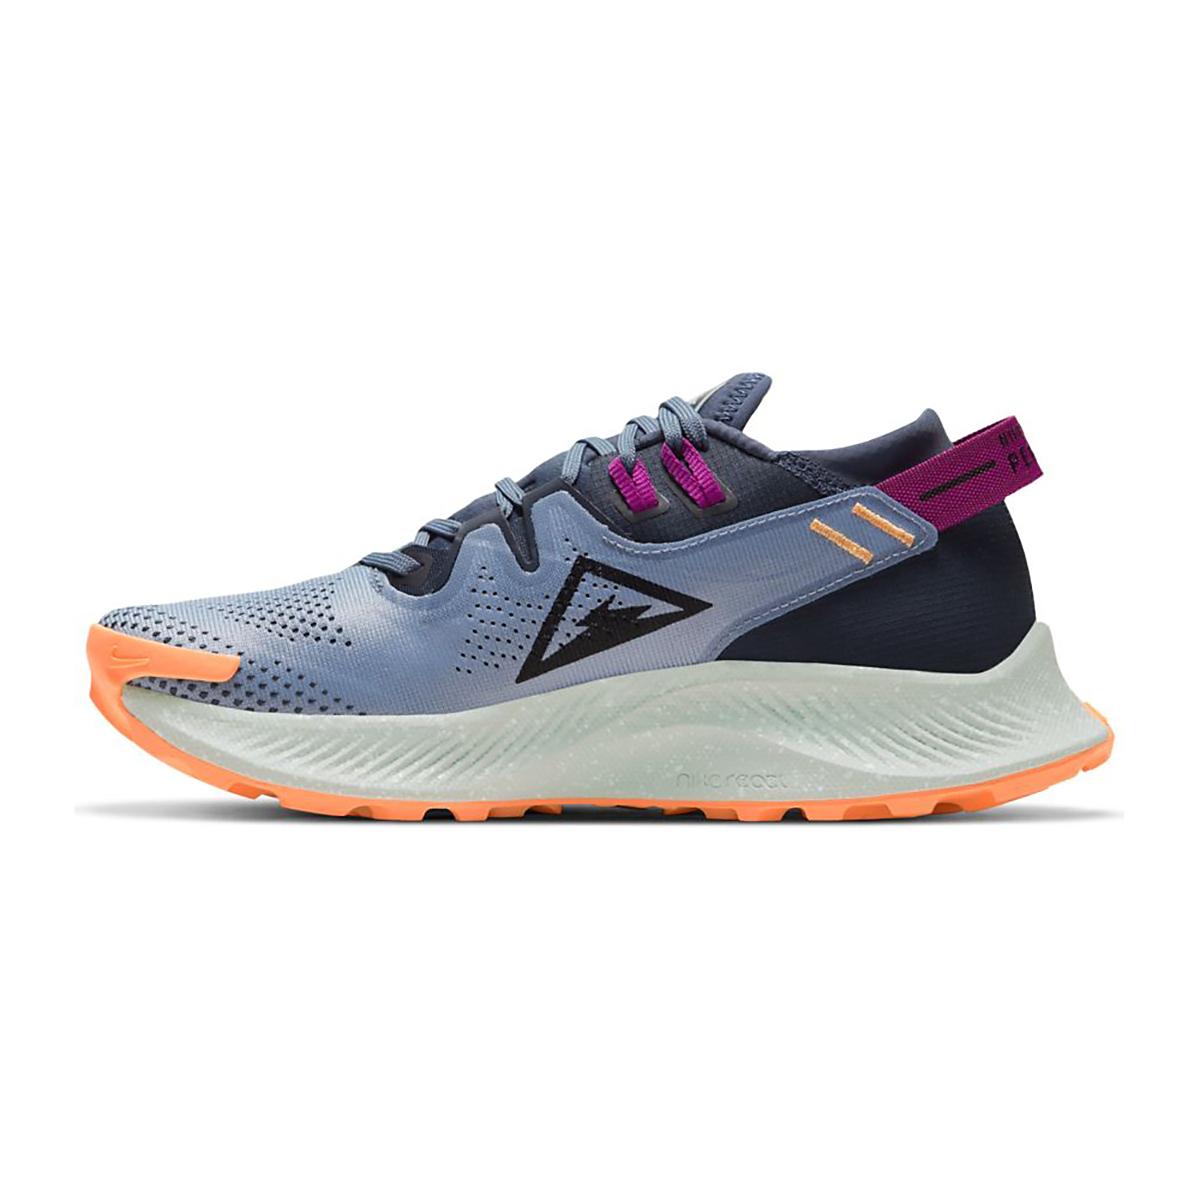 Women's Nike Nike Pegasus Trail 2 Trail Running Shoe - Color: Thunder Blue/Photon Dust/Ashen Slate - Size: 5 - Width: Regular, Thunder Blue/Photon Dust/Ashen Slate, large, image 2